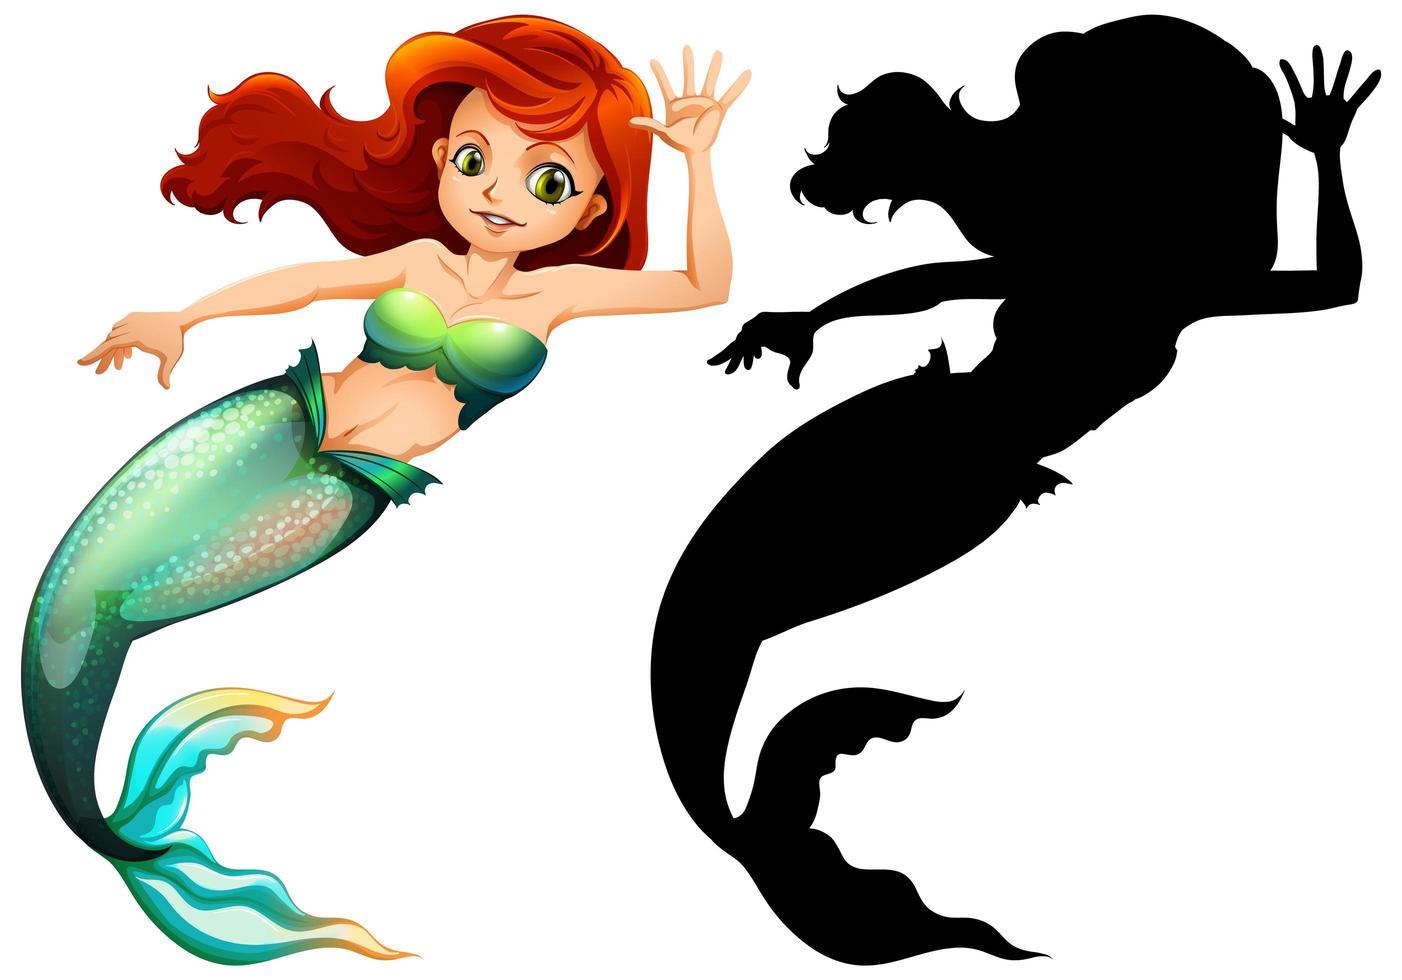 personaje de sirena y silueta vector